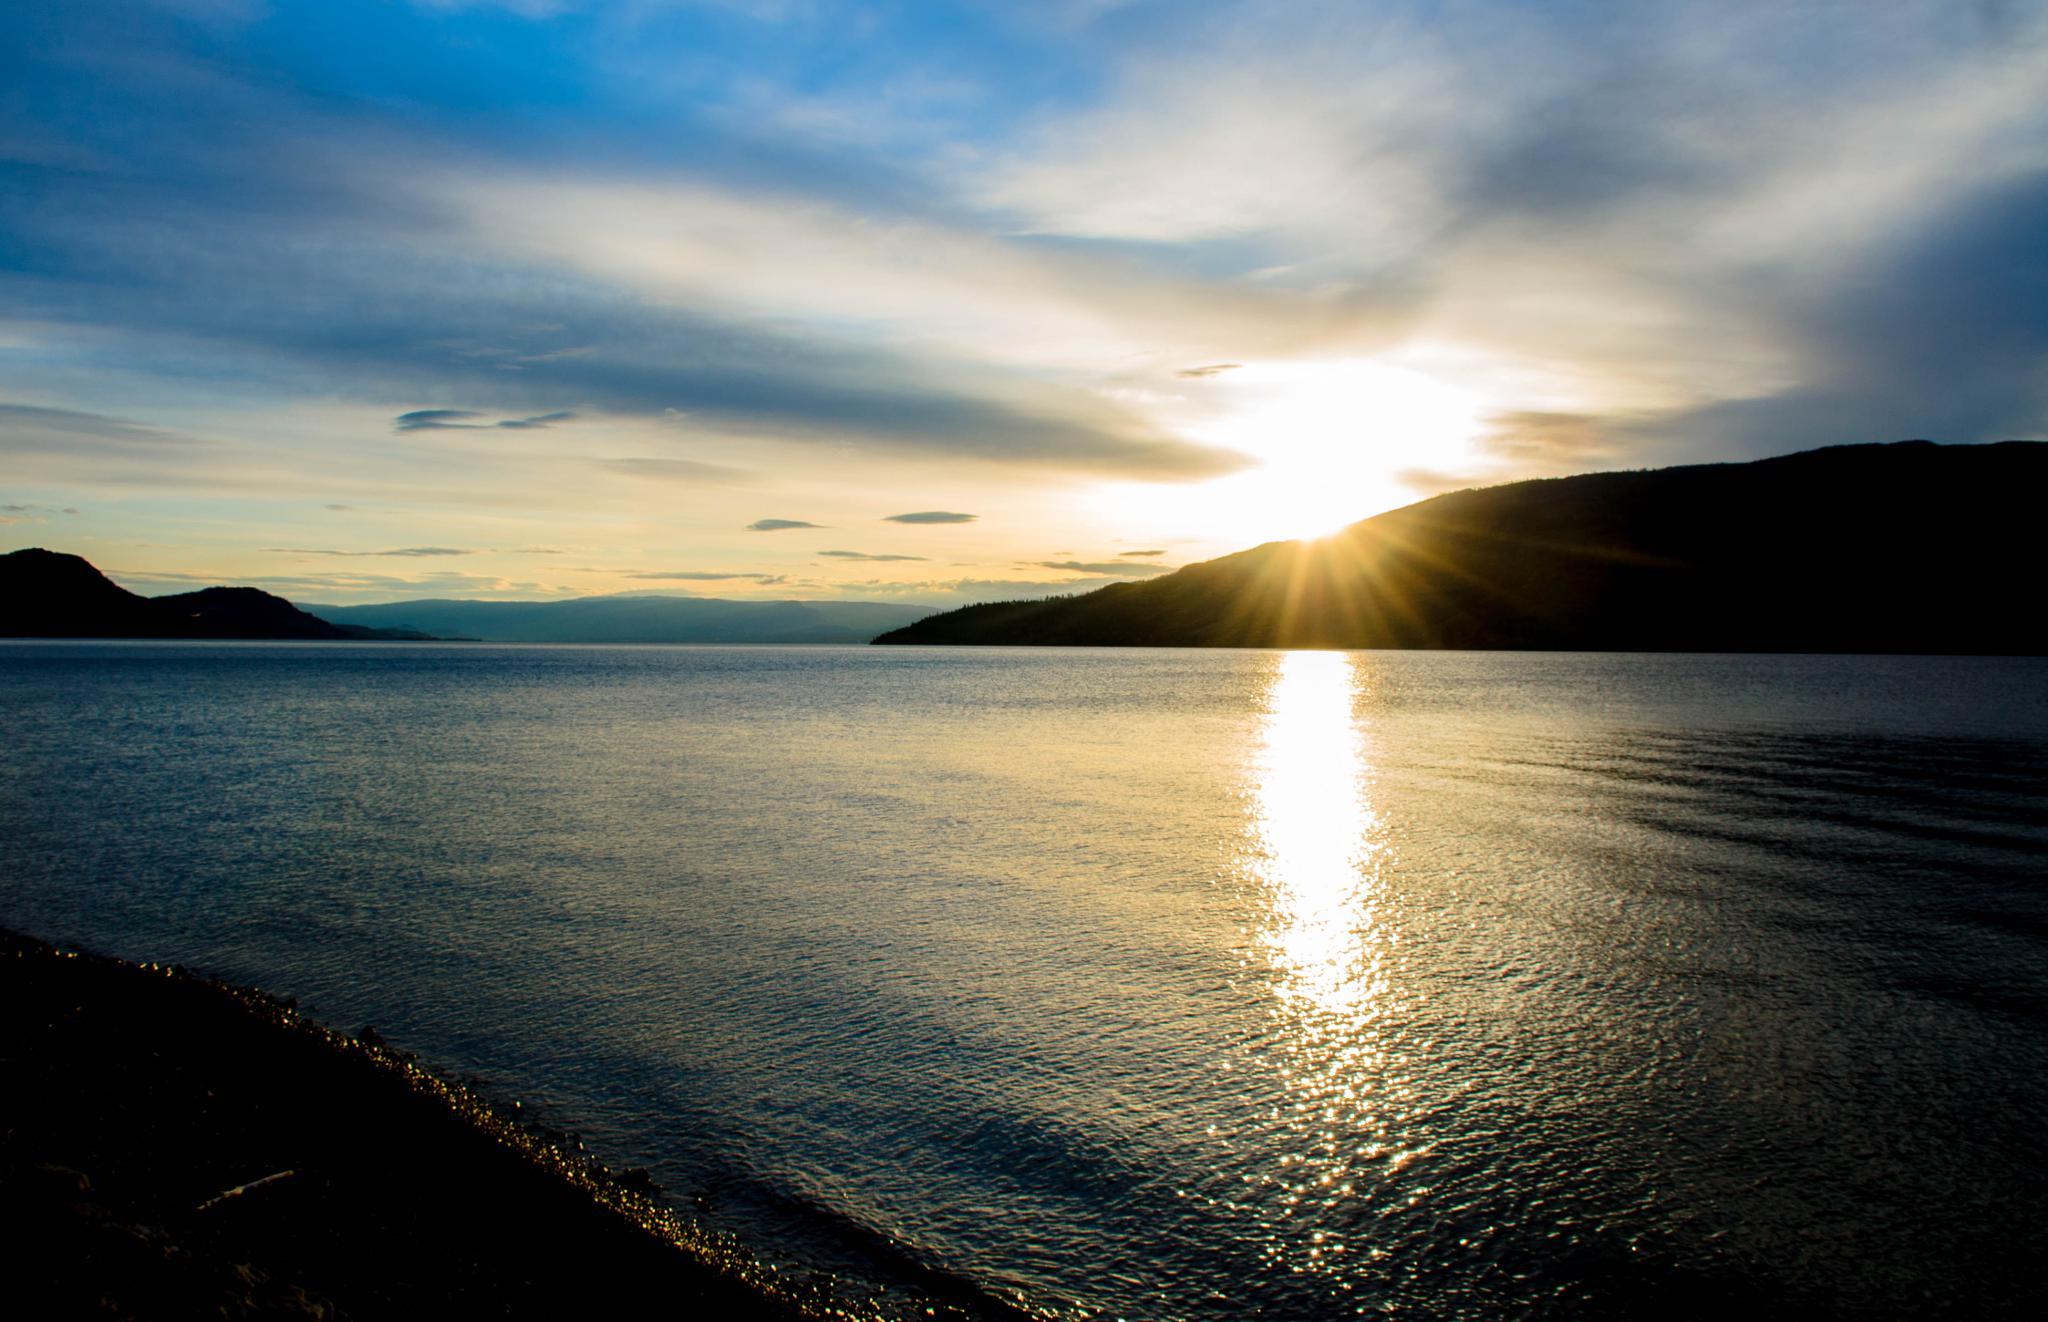 Dawn at Peachland Beach by Ang Klassen